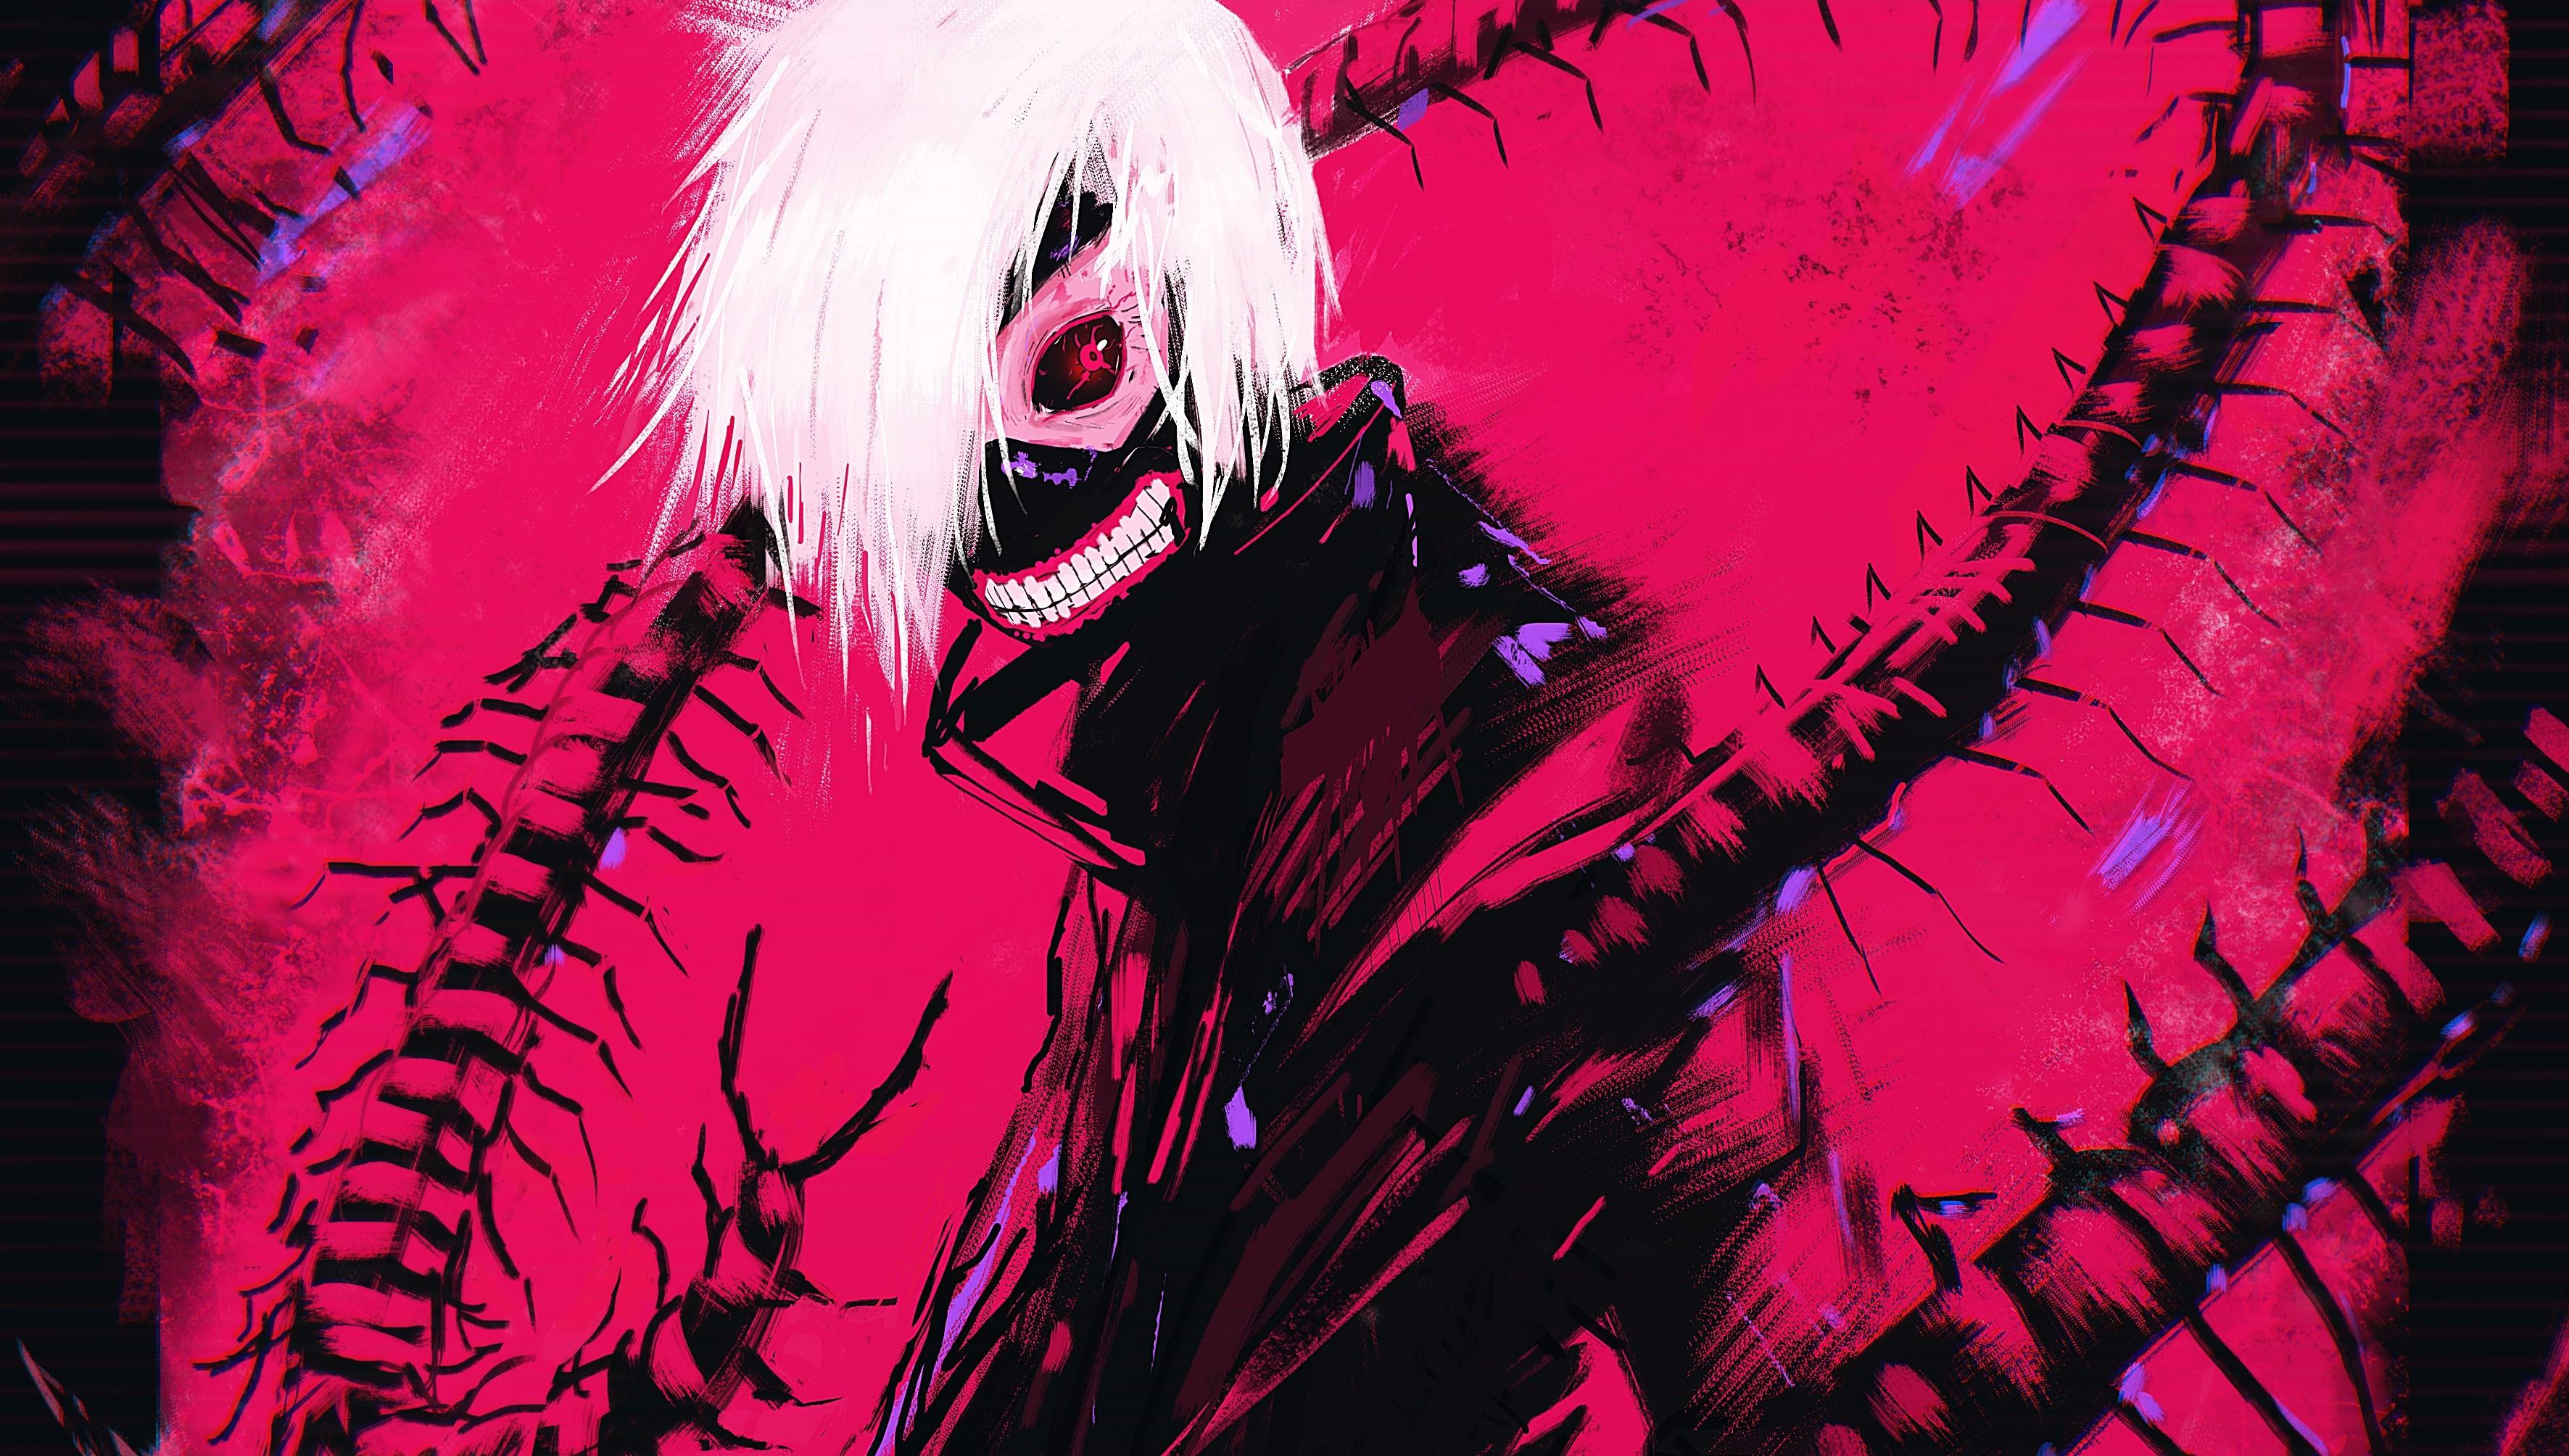 Wallpaper : illustration, anime, red, Kaneki Ken, Tokyo